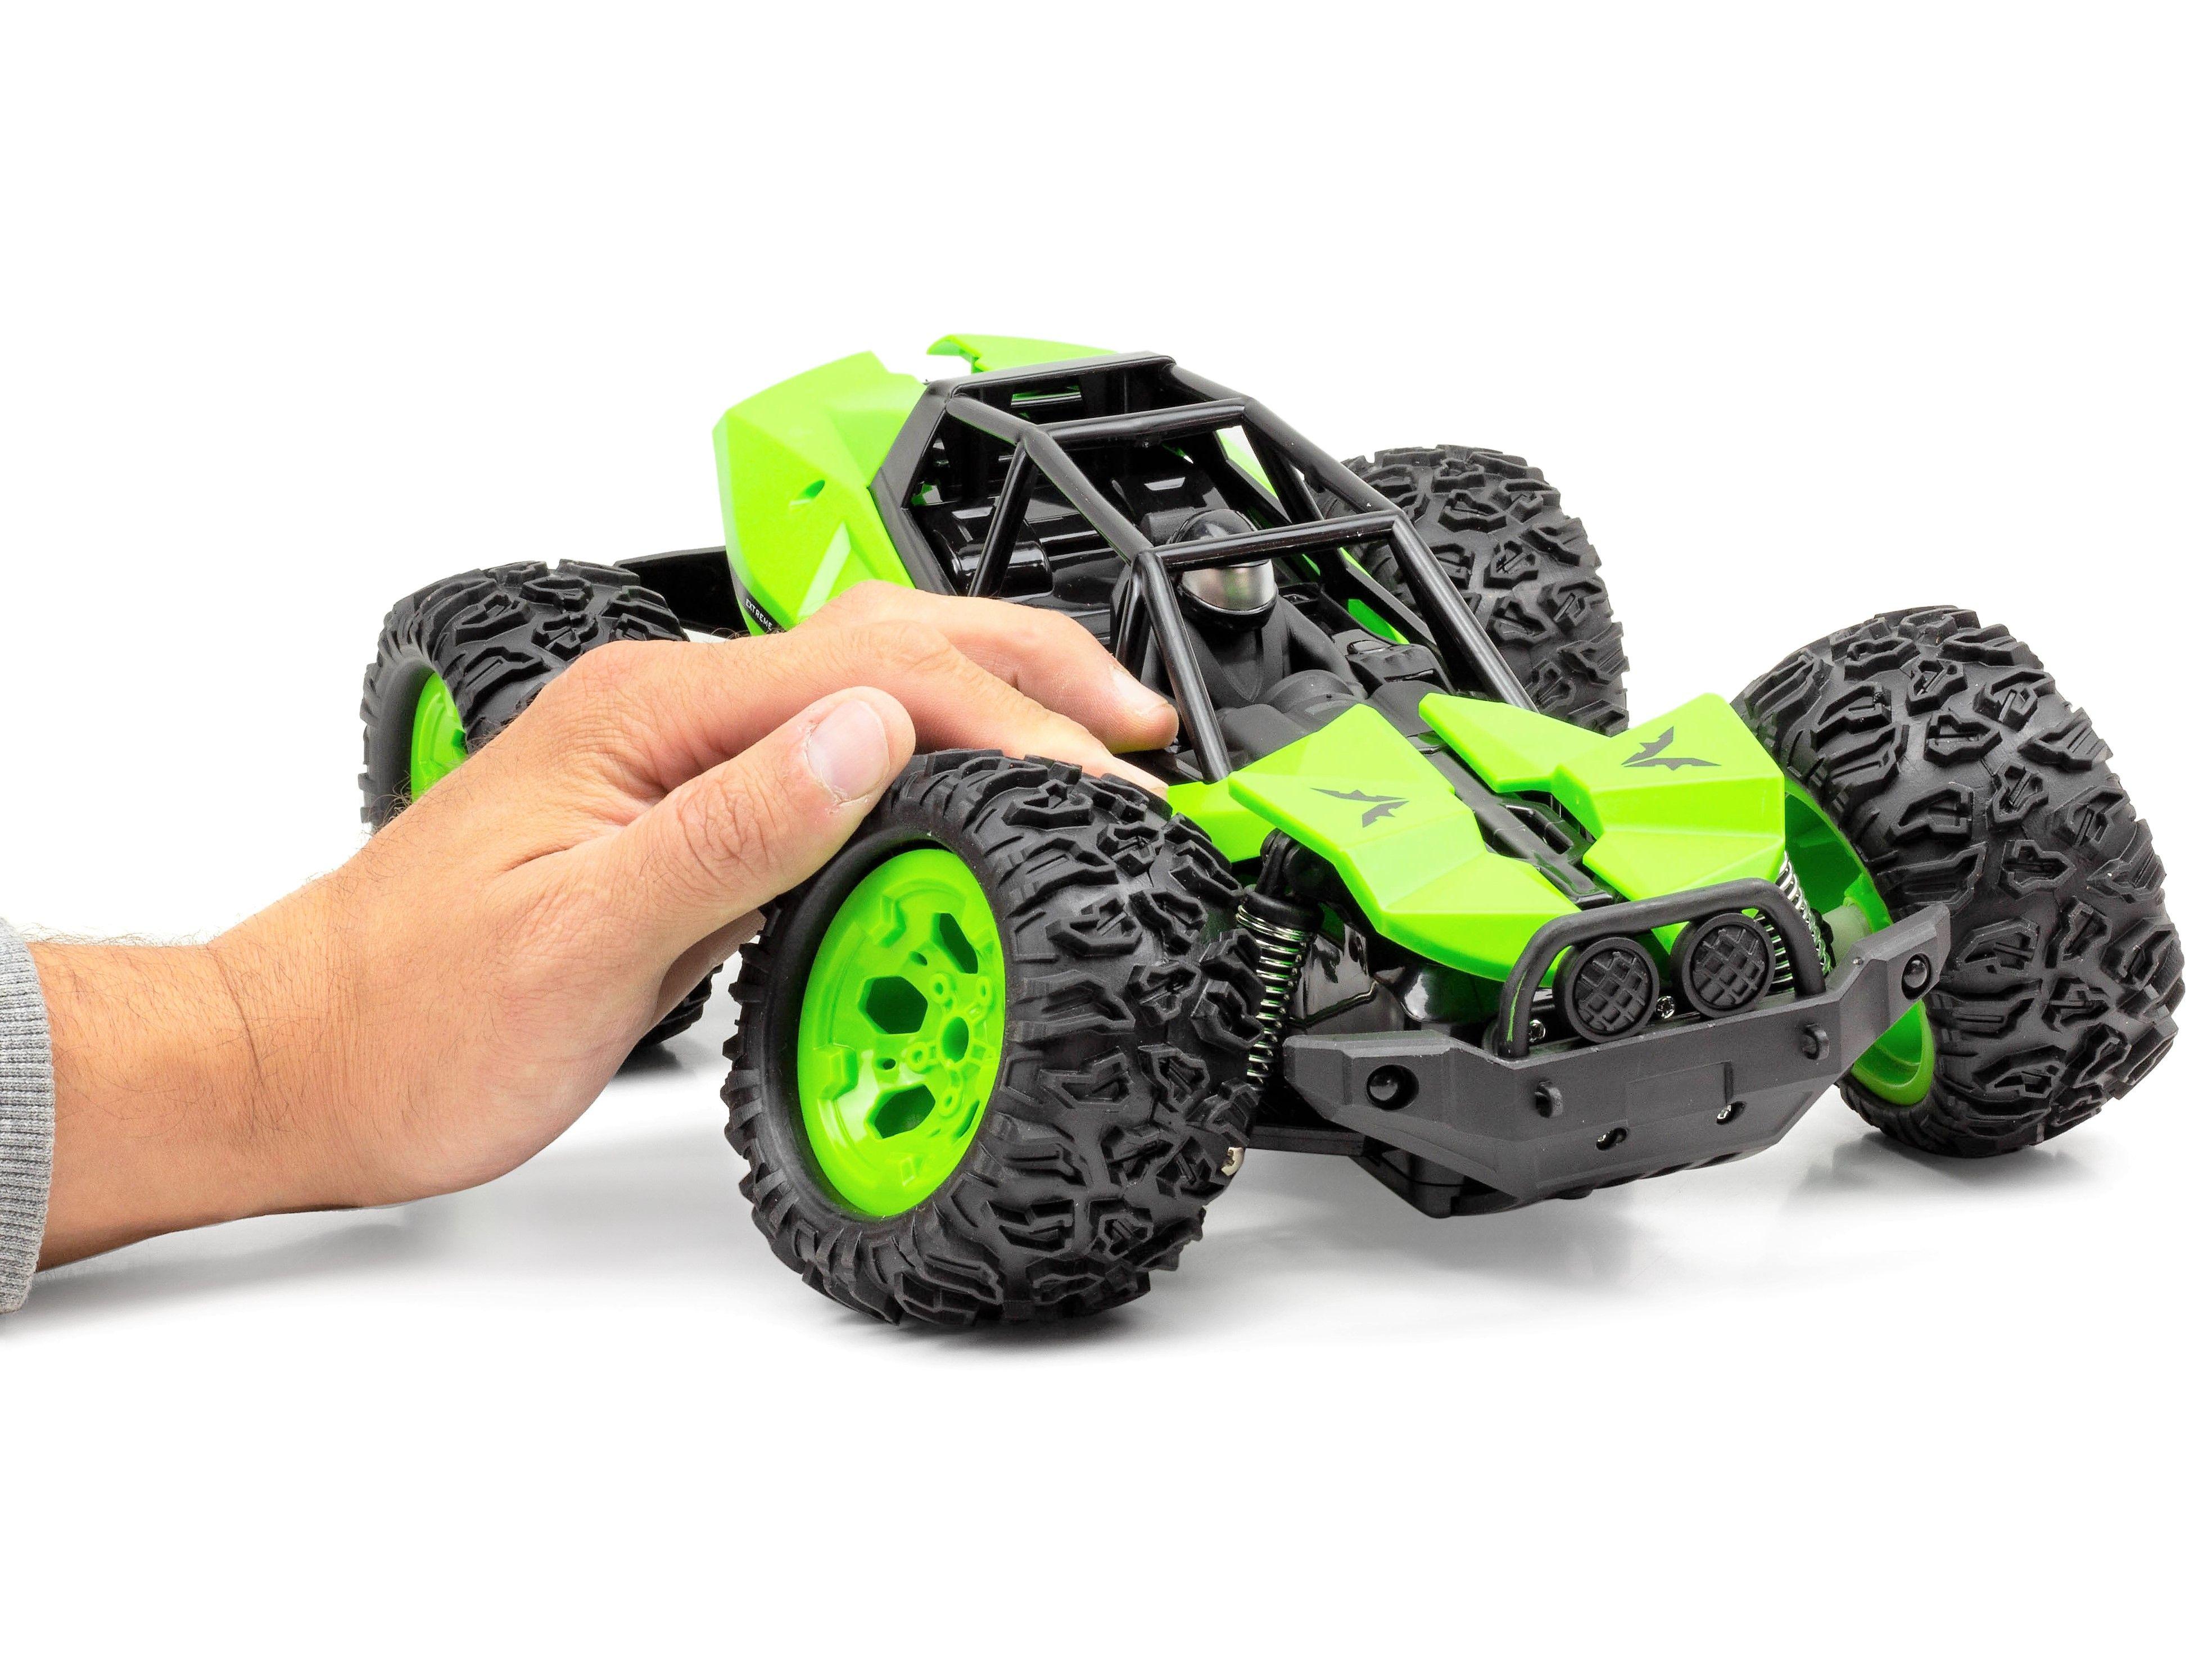 Pin Von Germanseller De Auf Rc Ferngesteuertes Auto Car Spielzeug Ferngesteuertes Auto Cars Spielzeug Ferngesteuert